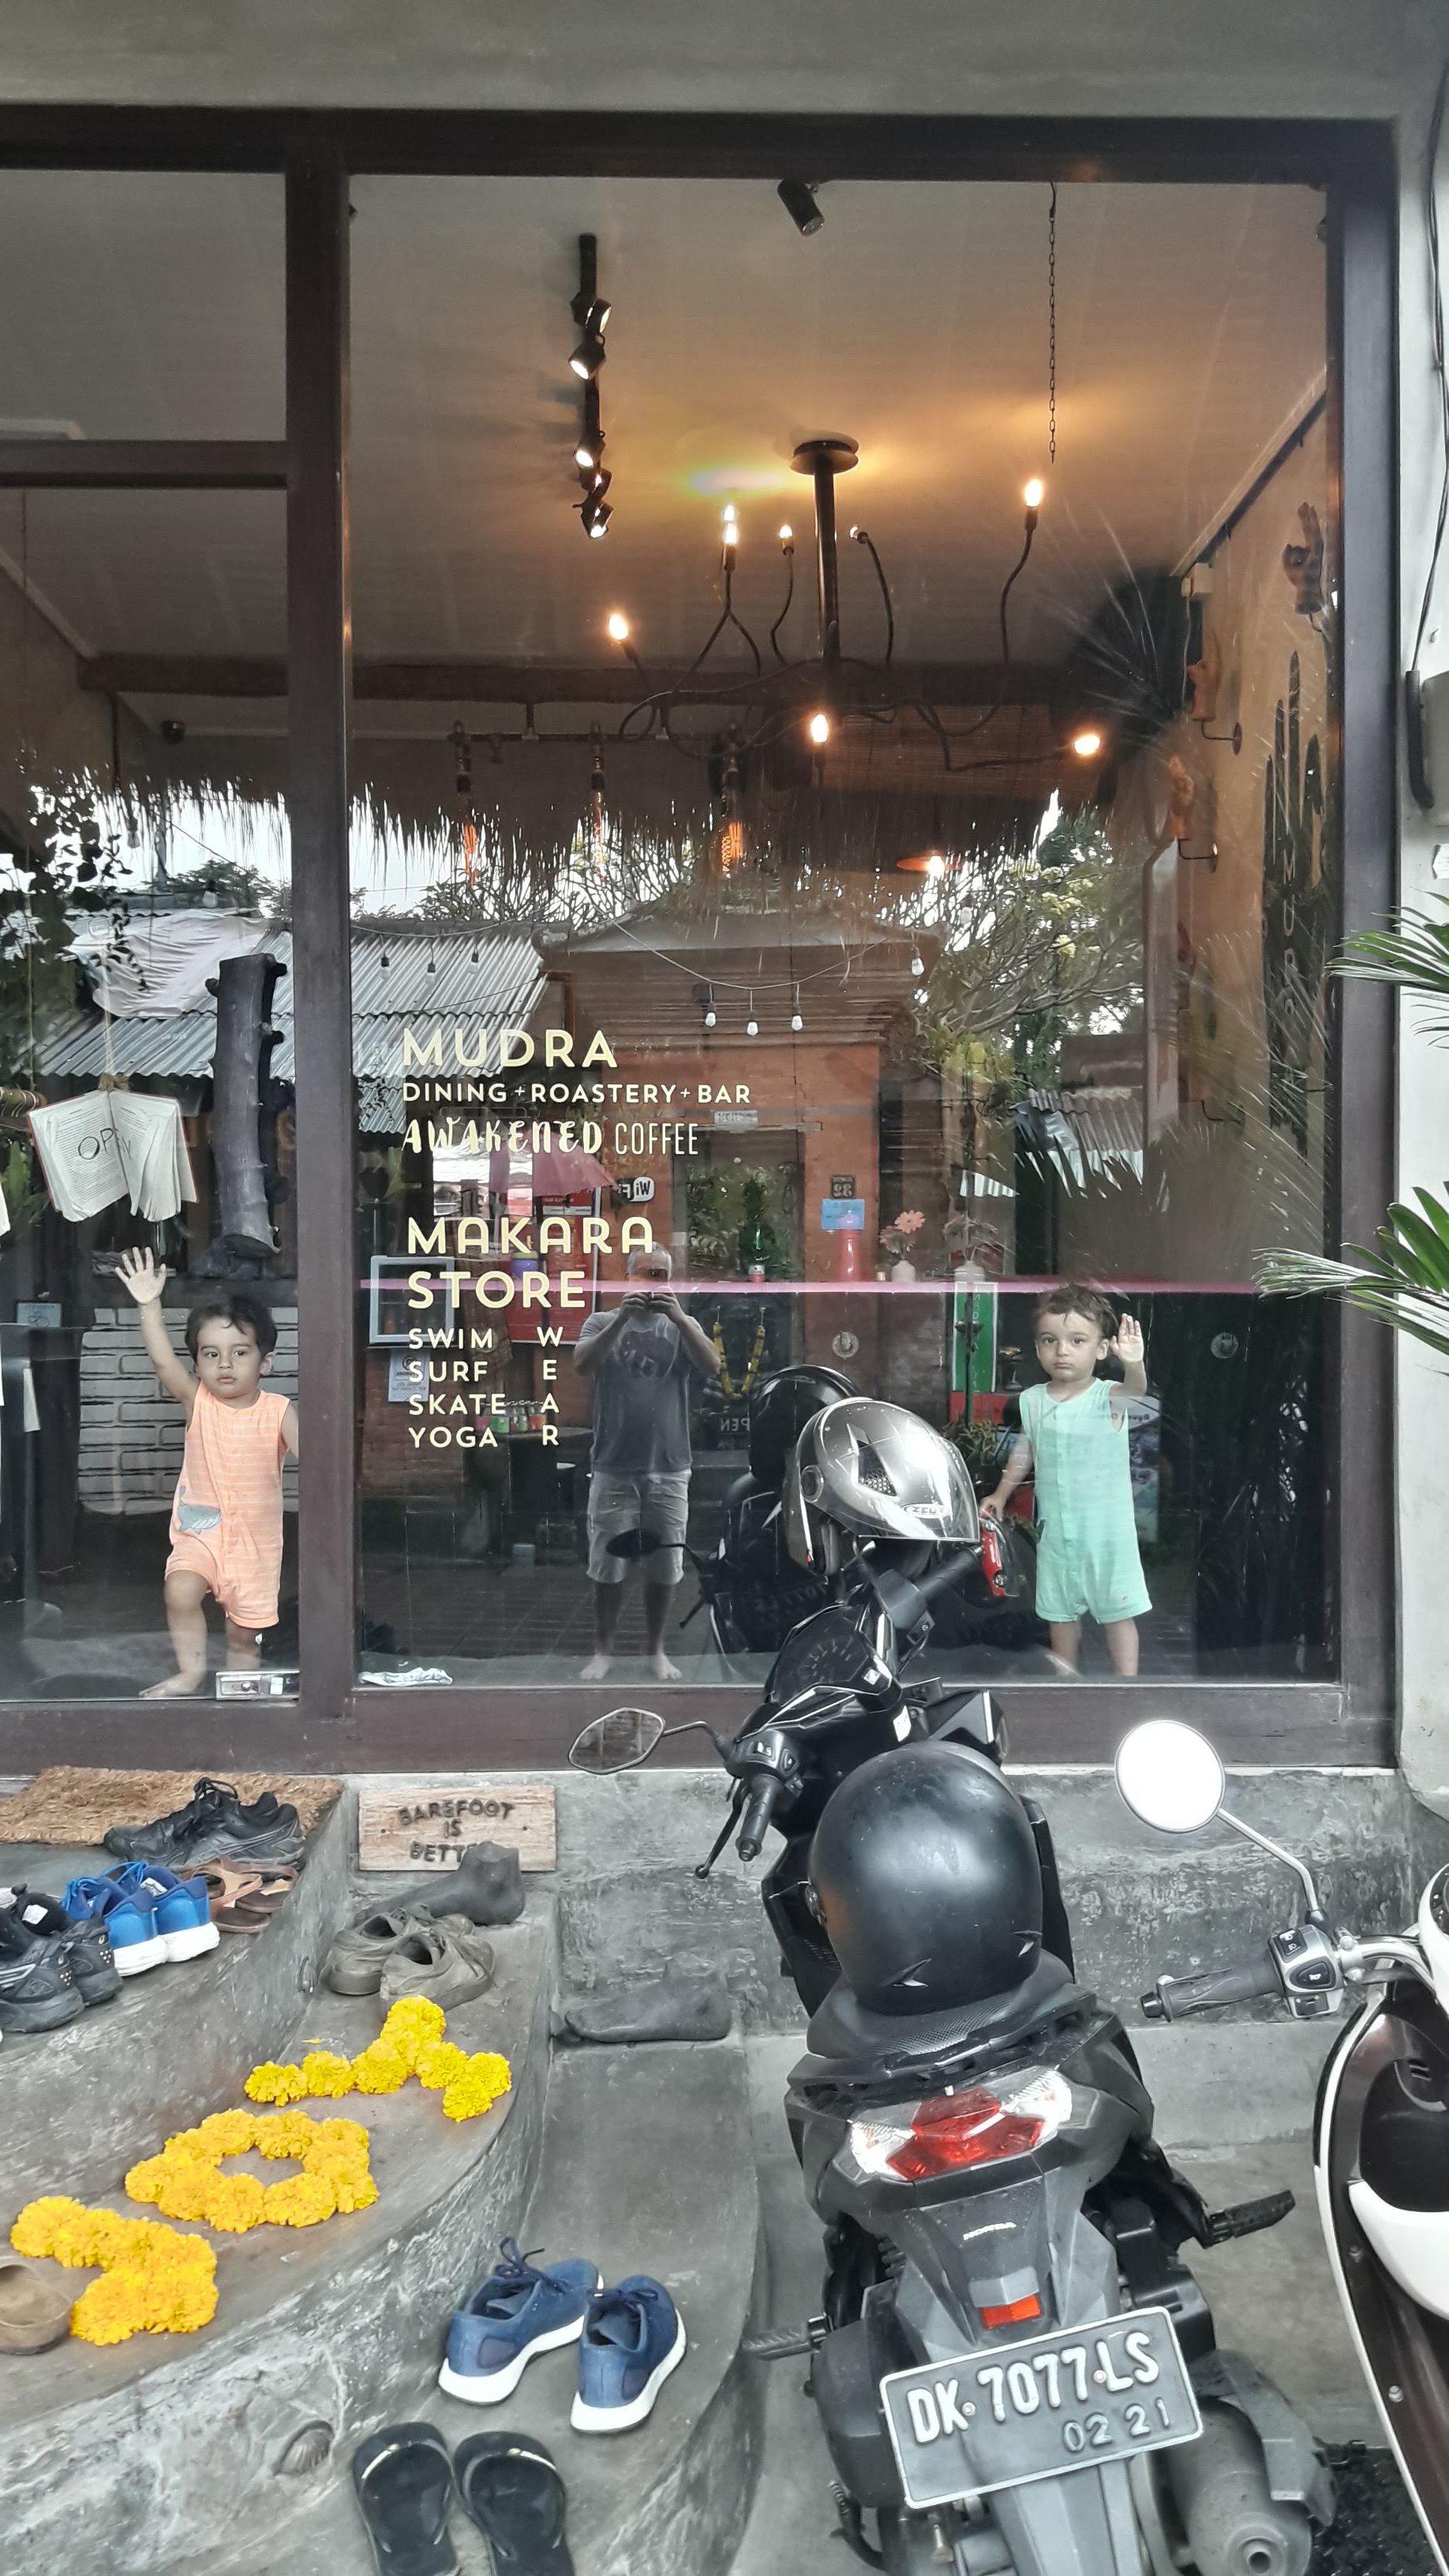 Restaurante Mudra - Ubud